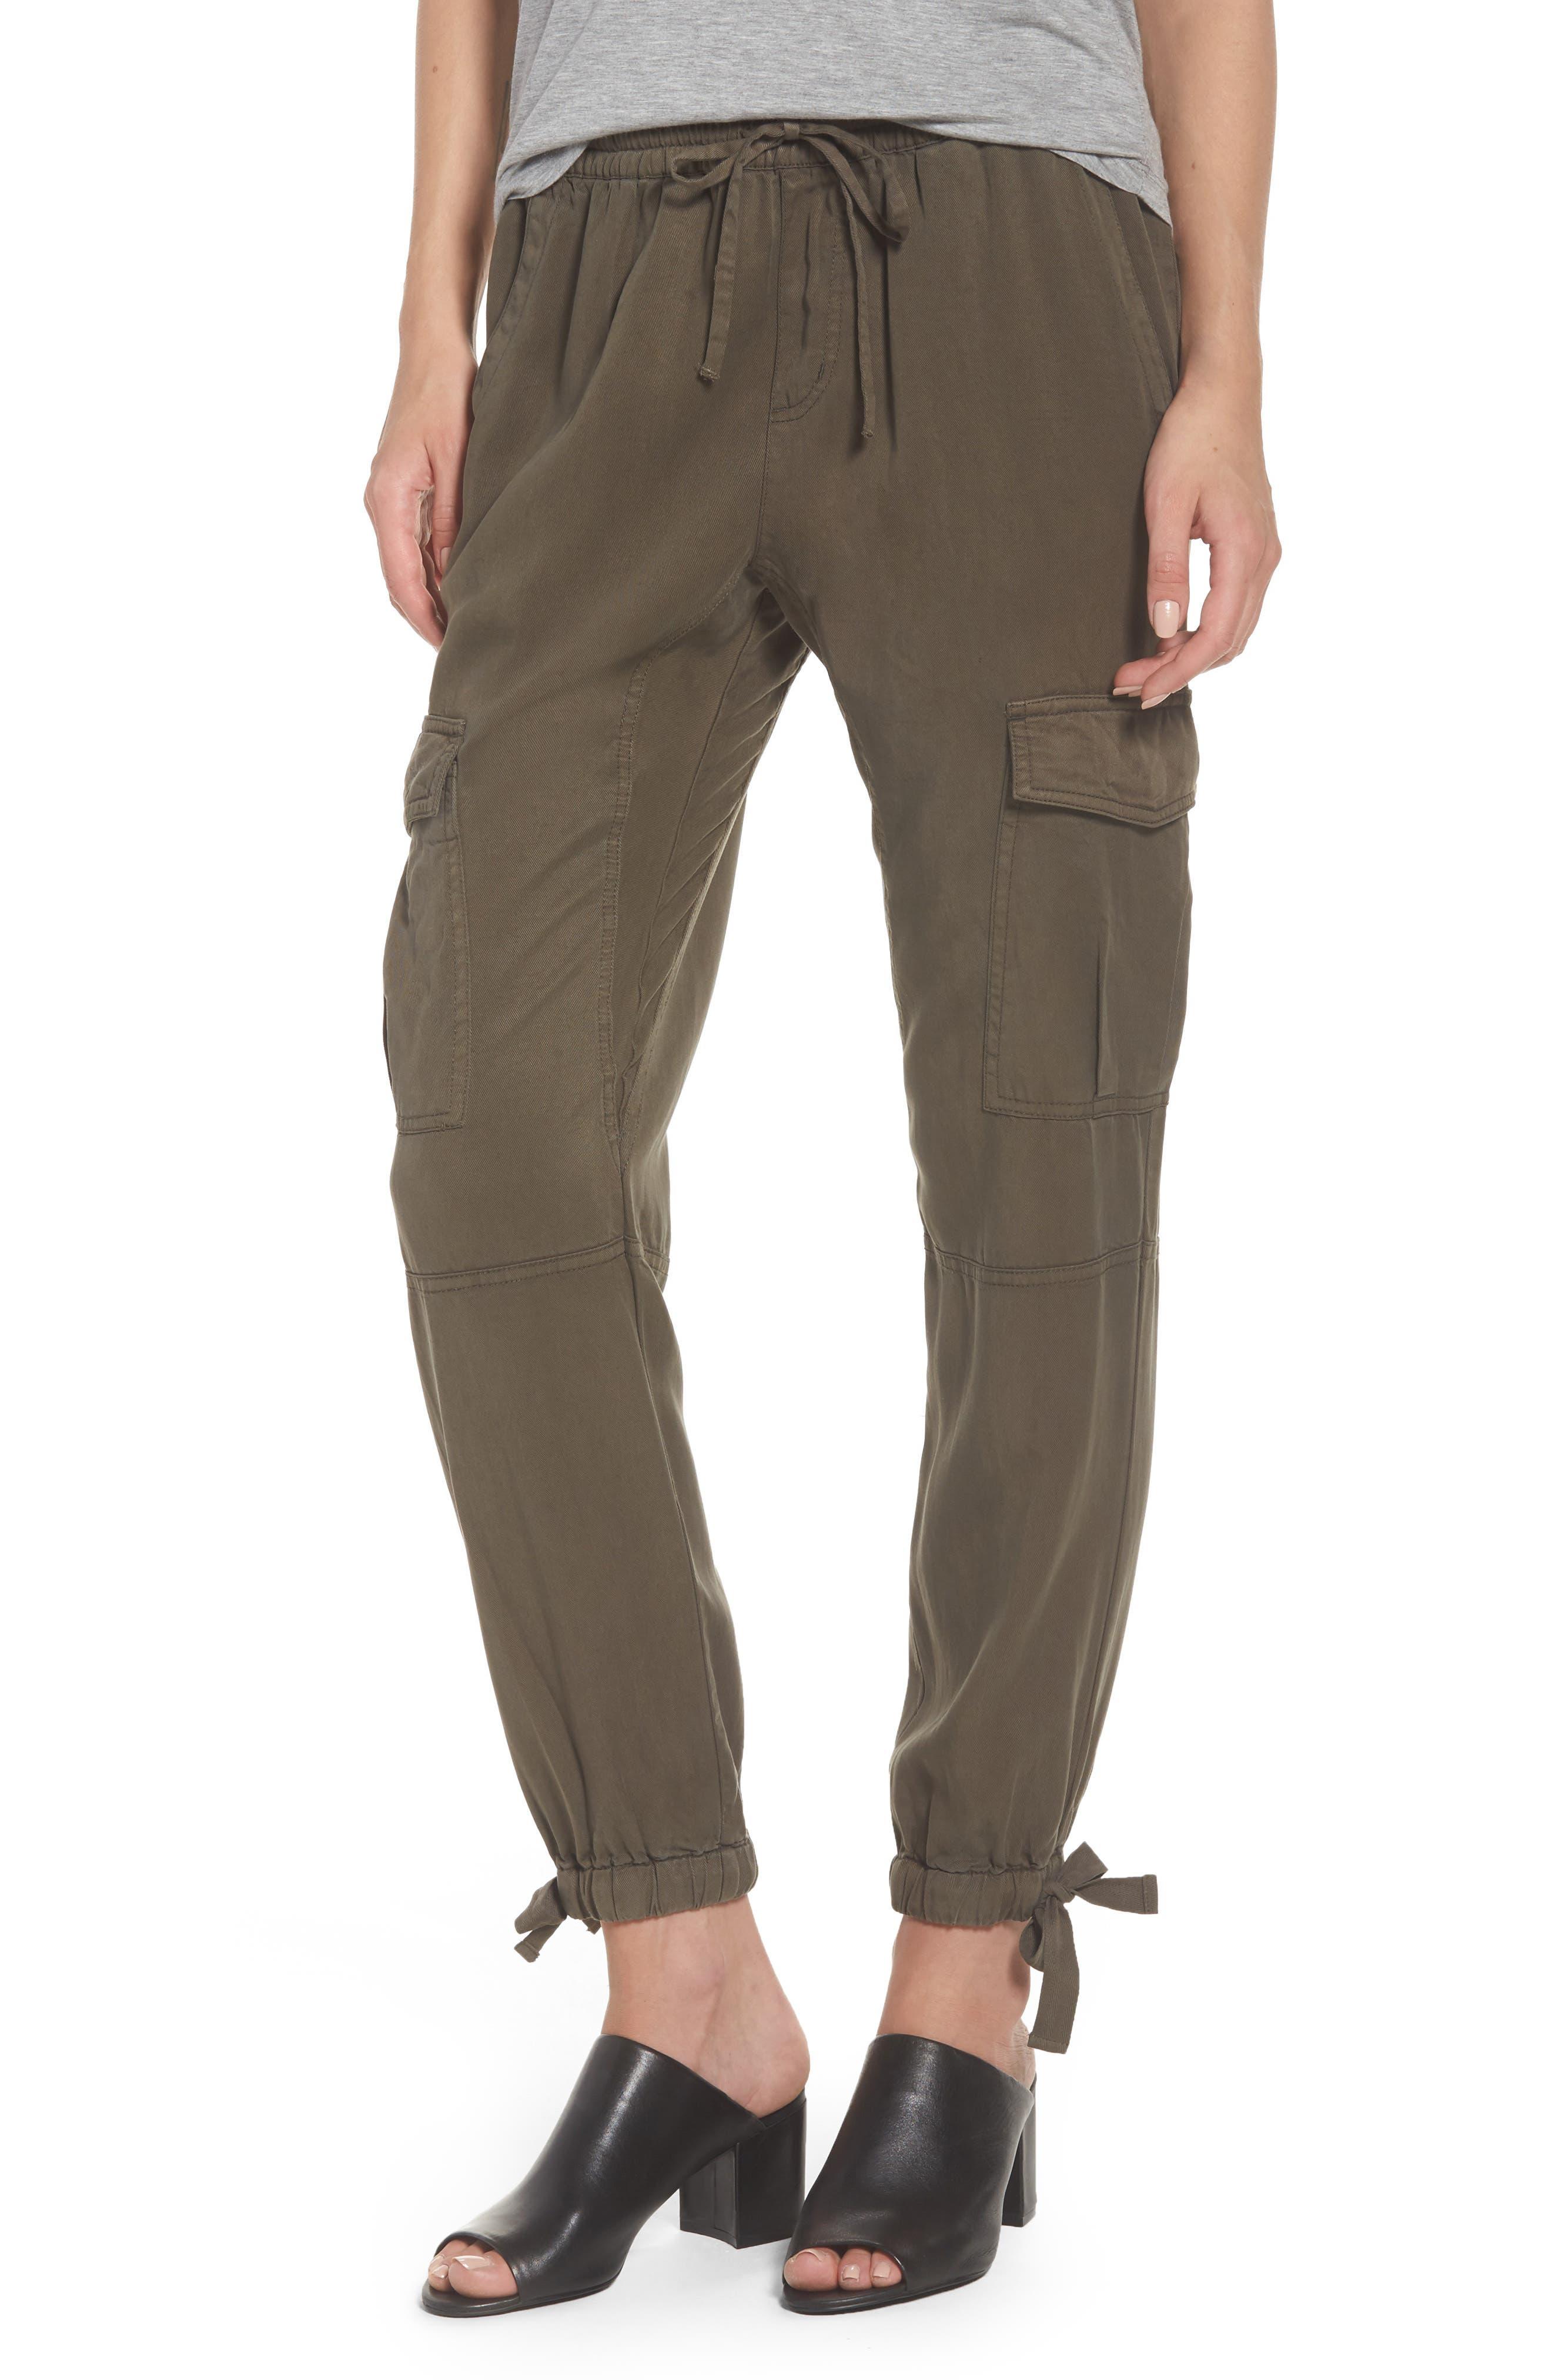 Pam & Gela Ankle Tie Tencel Pants